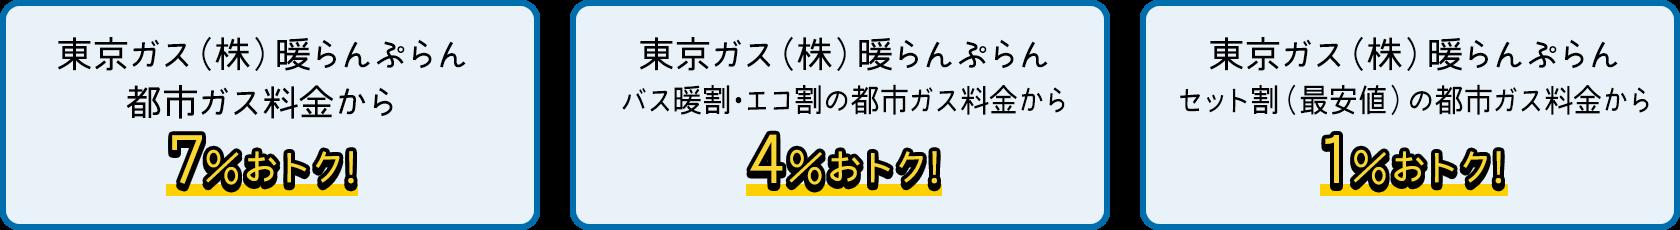 東京ガス(株)暖らんぷらん都市ガス料金から7%おトク! 東京ガス(株)暖らんぷらんバス暖割・エコ割の都市ガス料金から4%おトク! 東京ガス(株)暖らんぷらんセット割(最安値)の都市ガス料金から1%おトク!